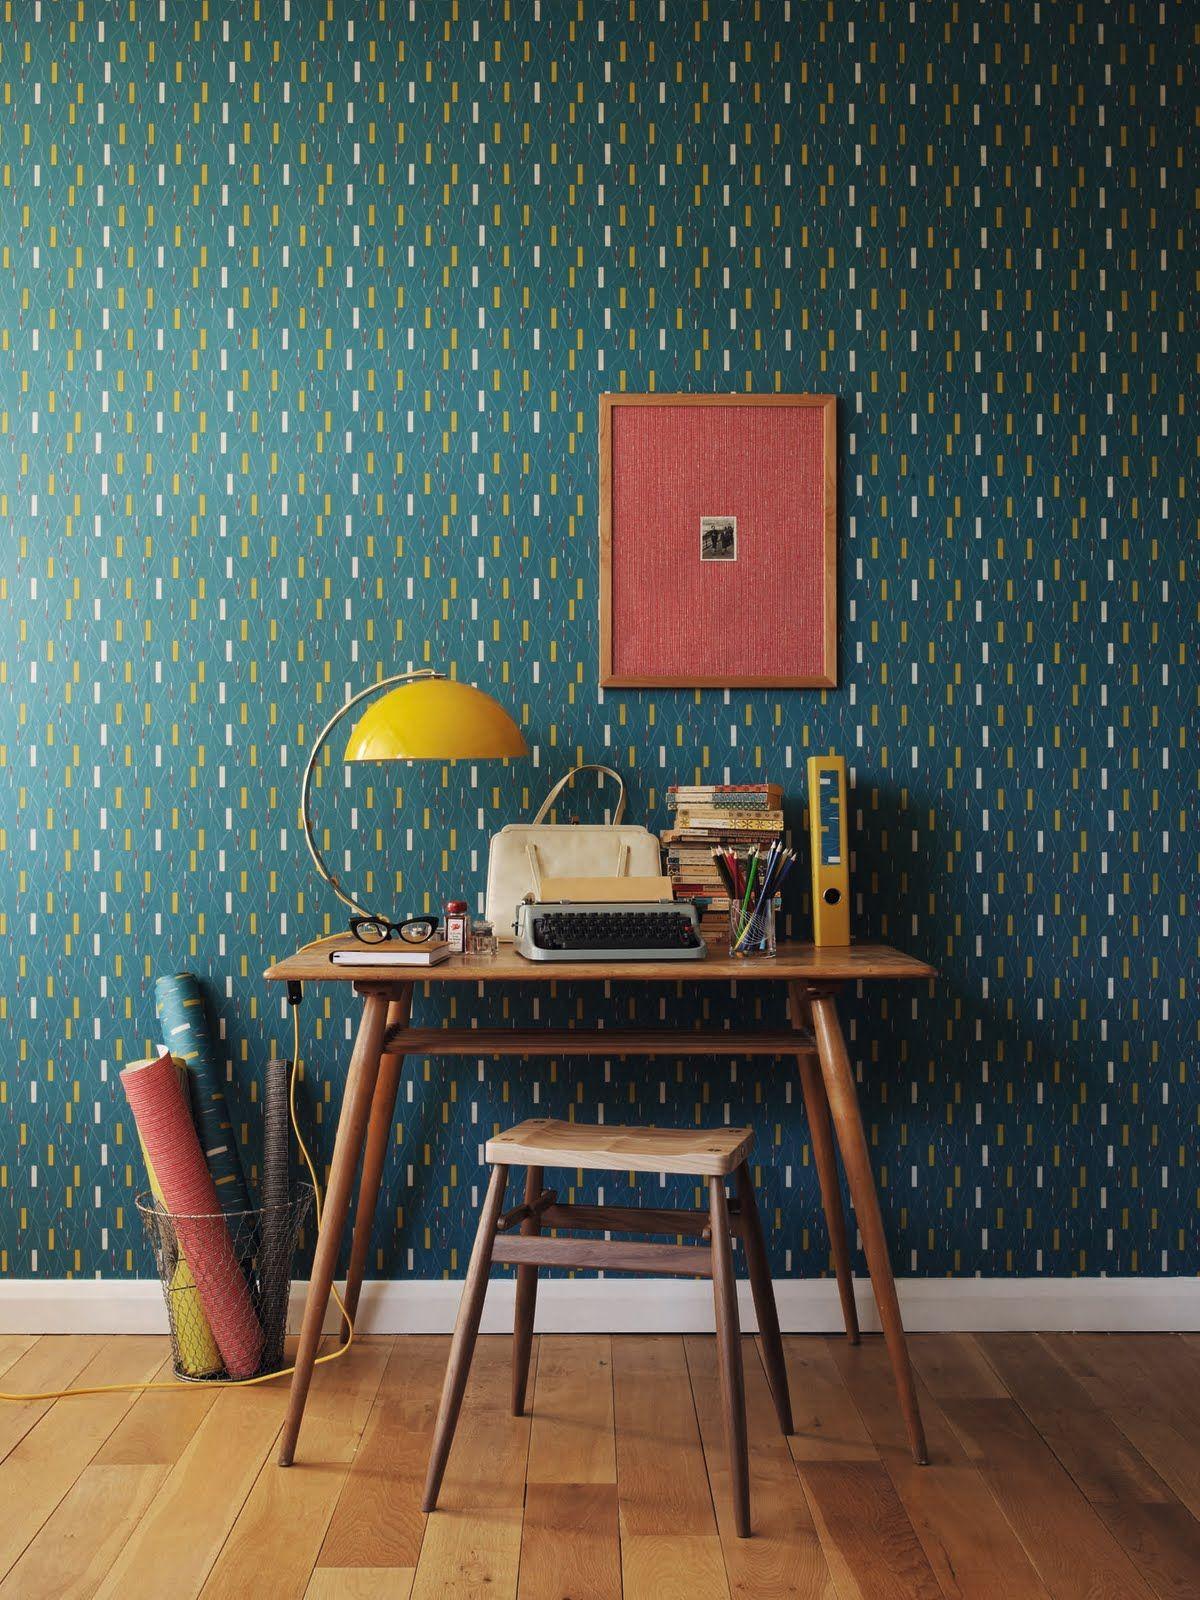 Sanderson retro prints pimp up your work space house pinterest